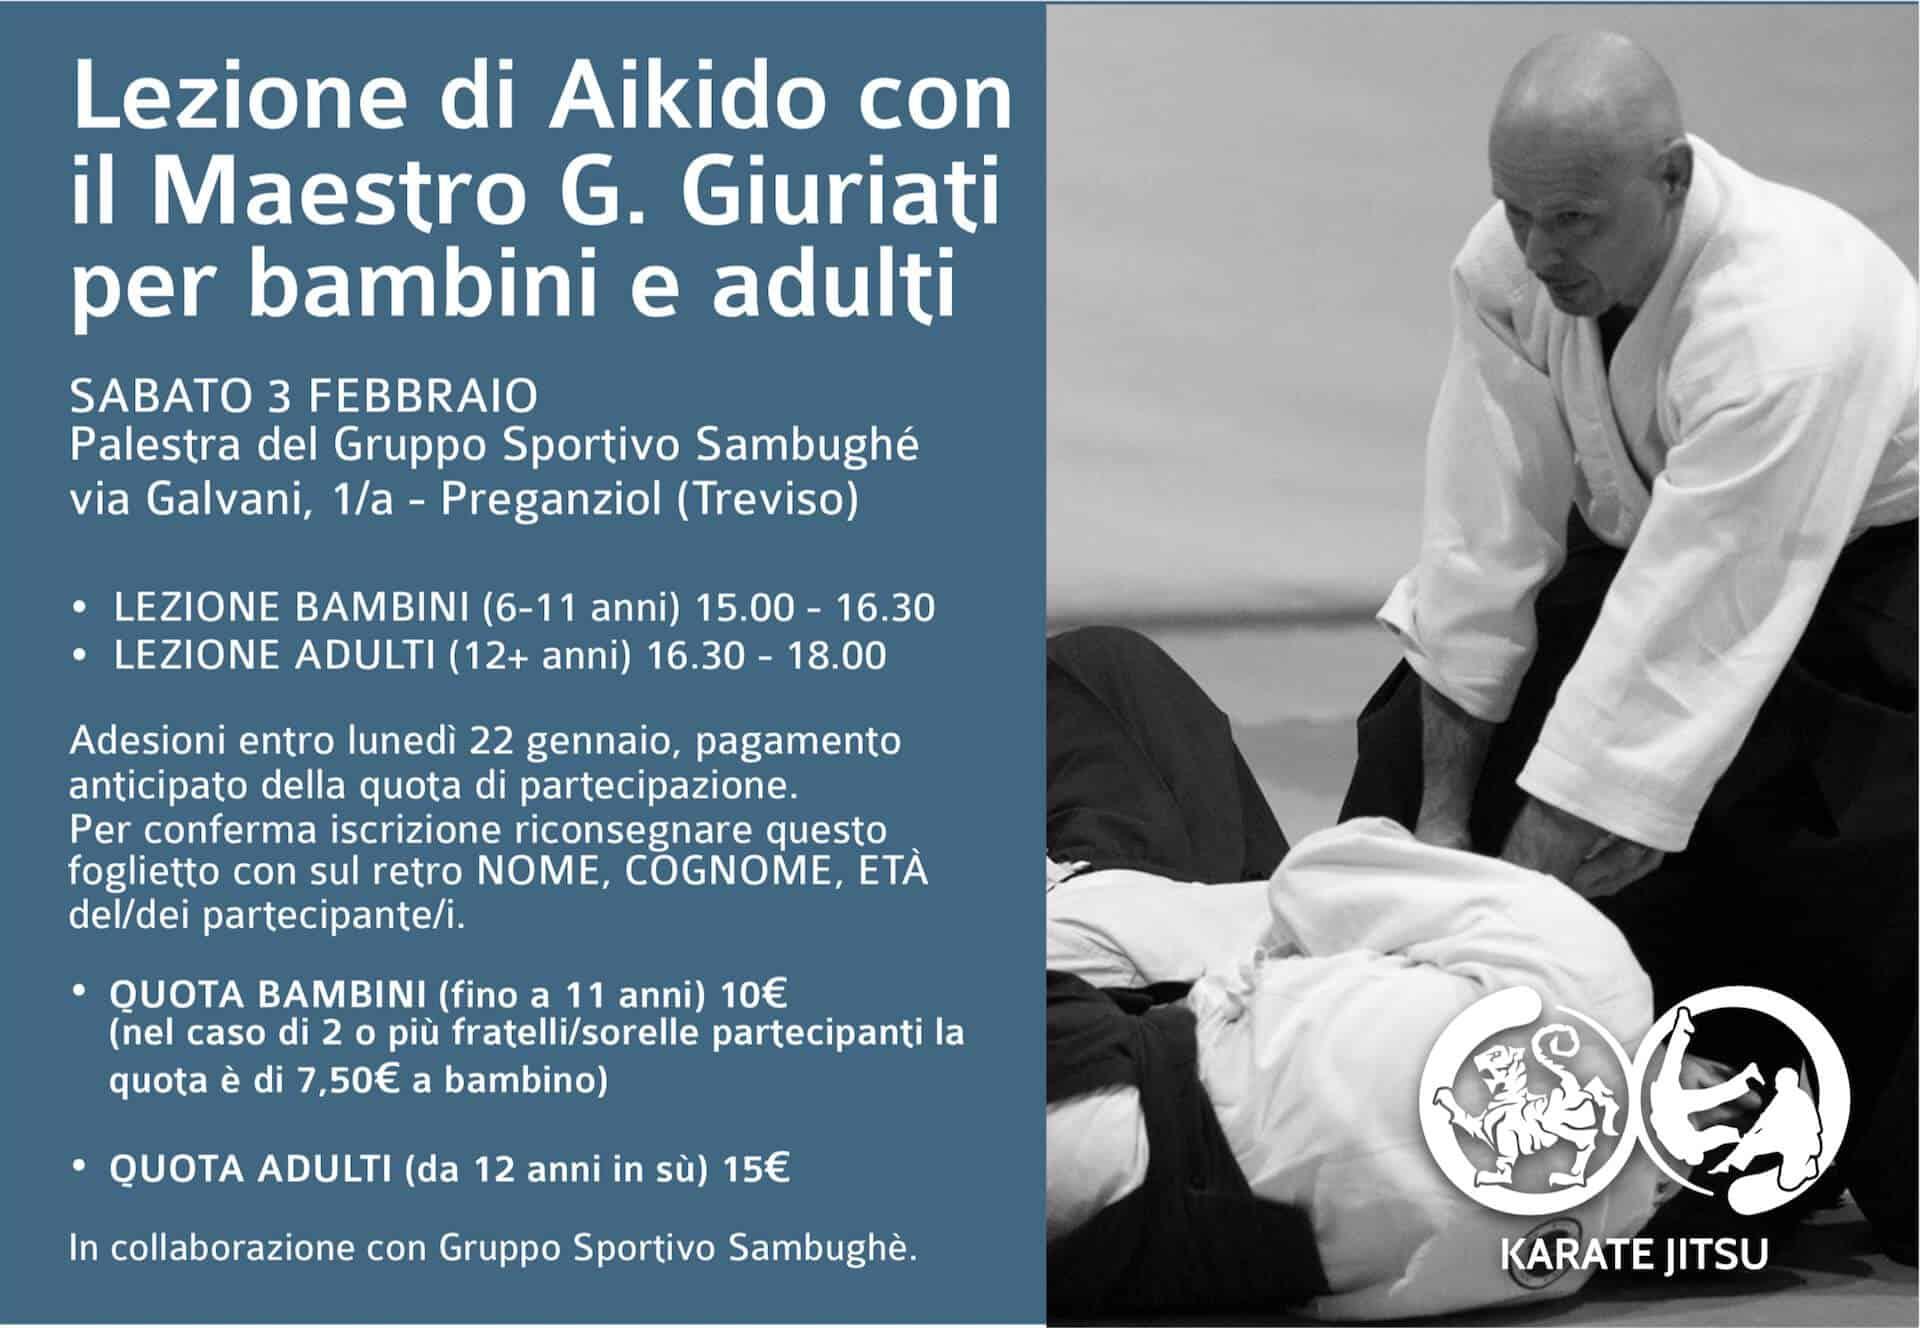 Lezione di Aikido con il Maestro G. Giuriati per bambini e adulti